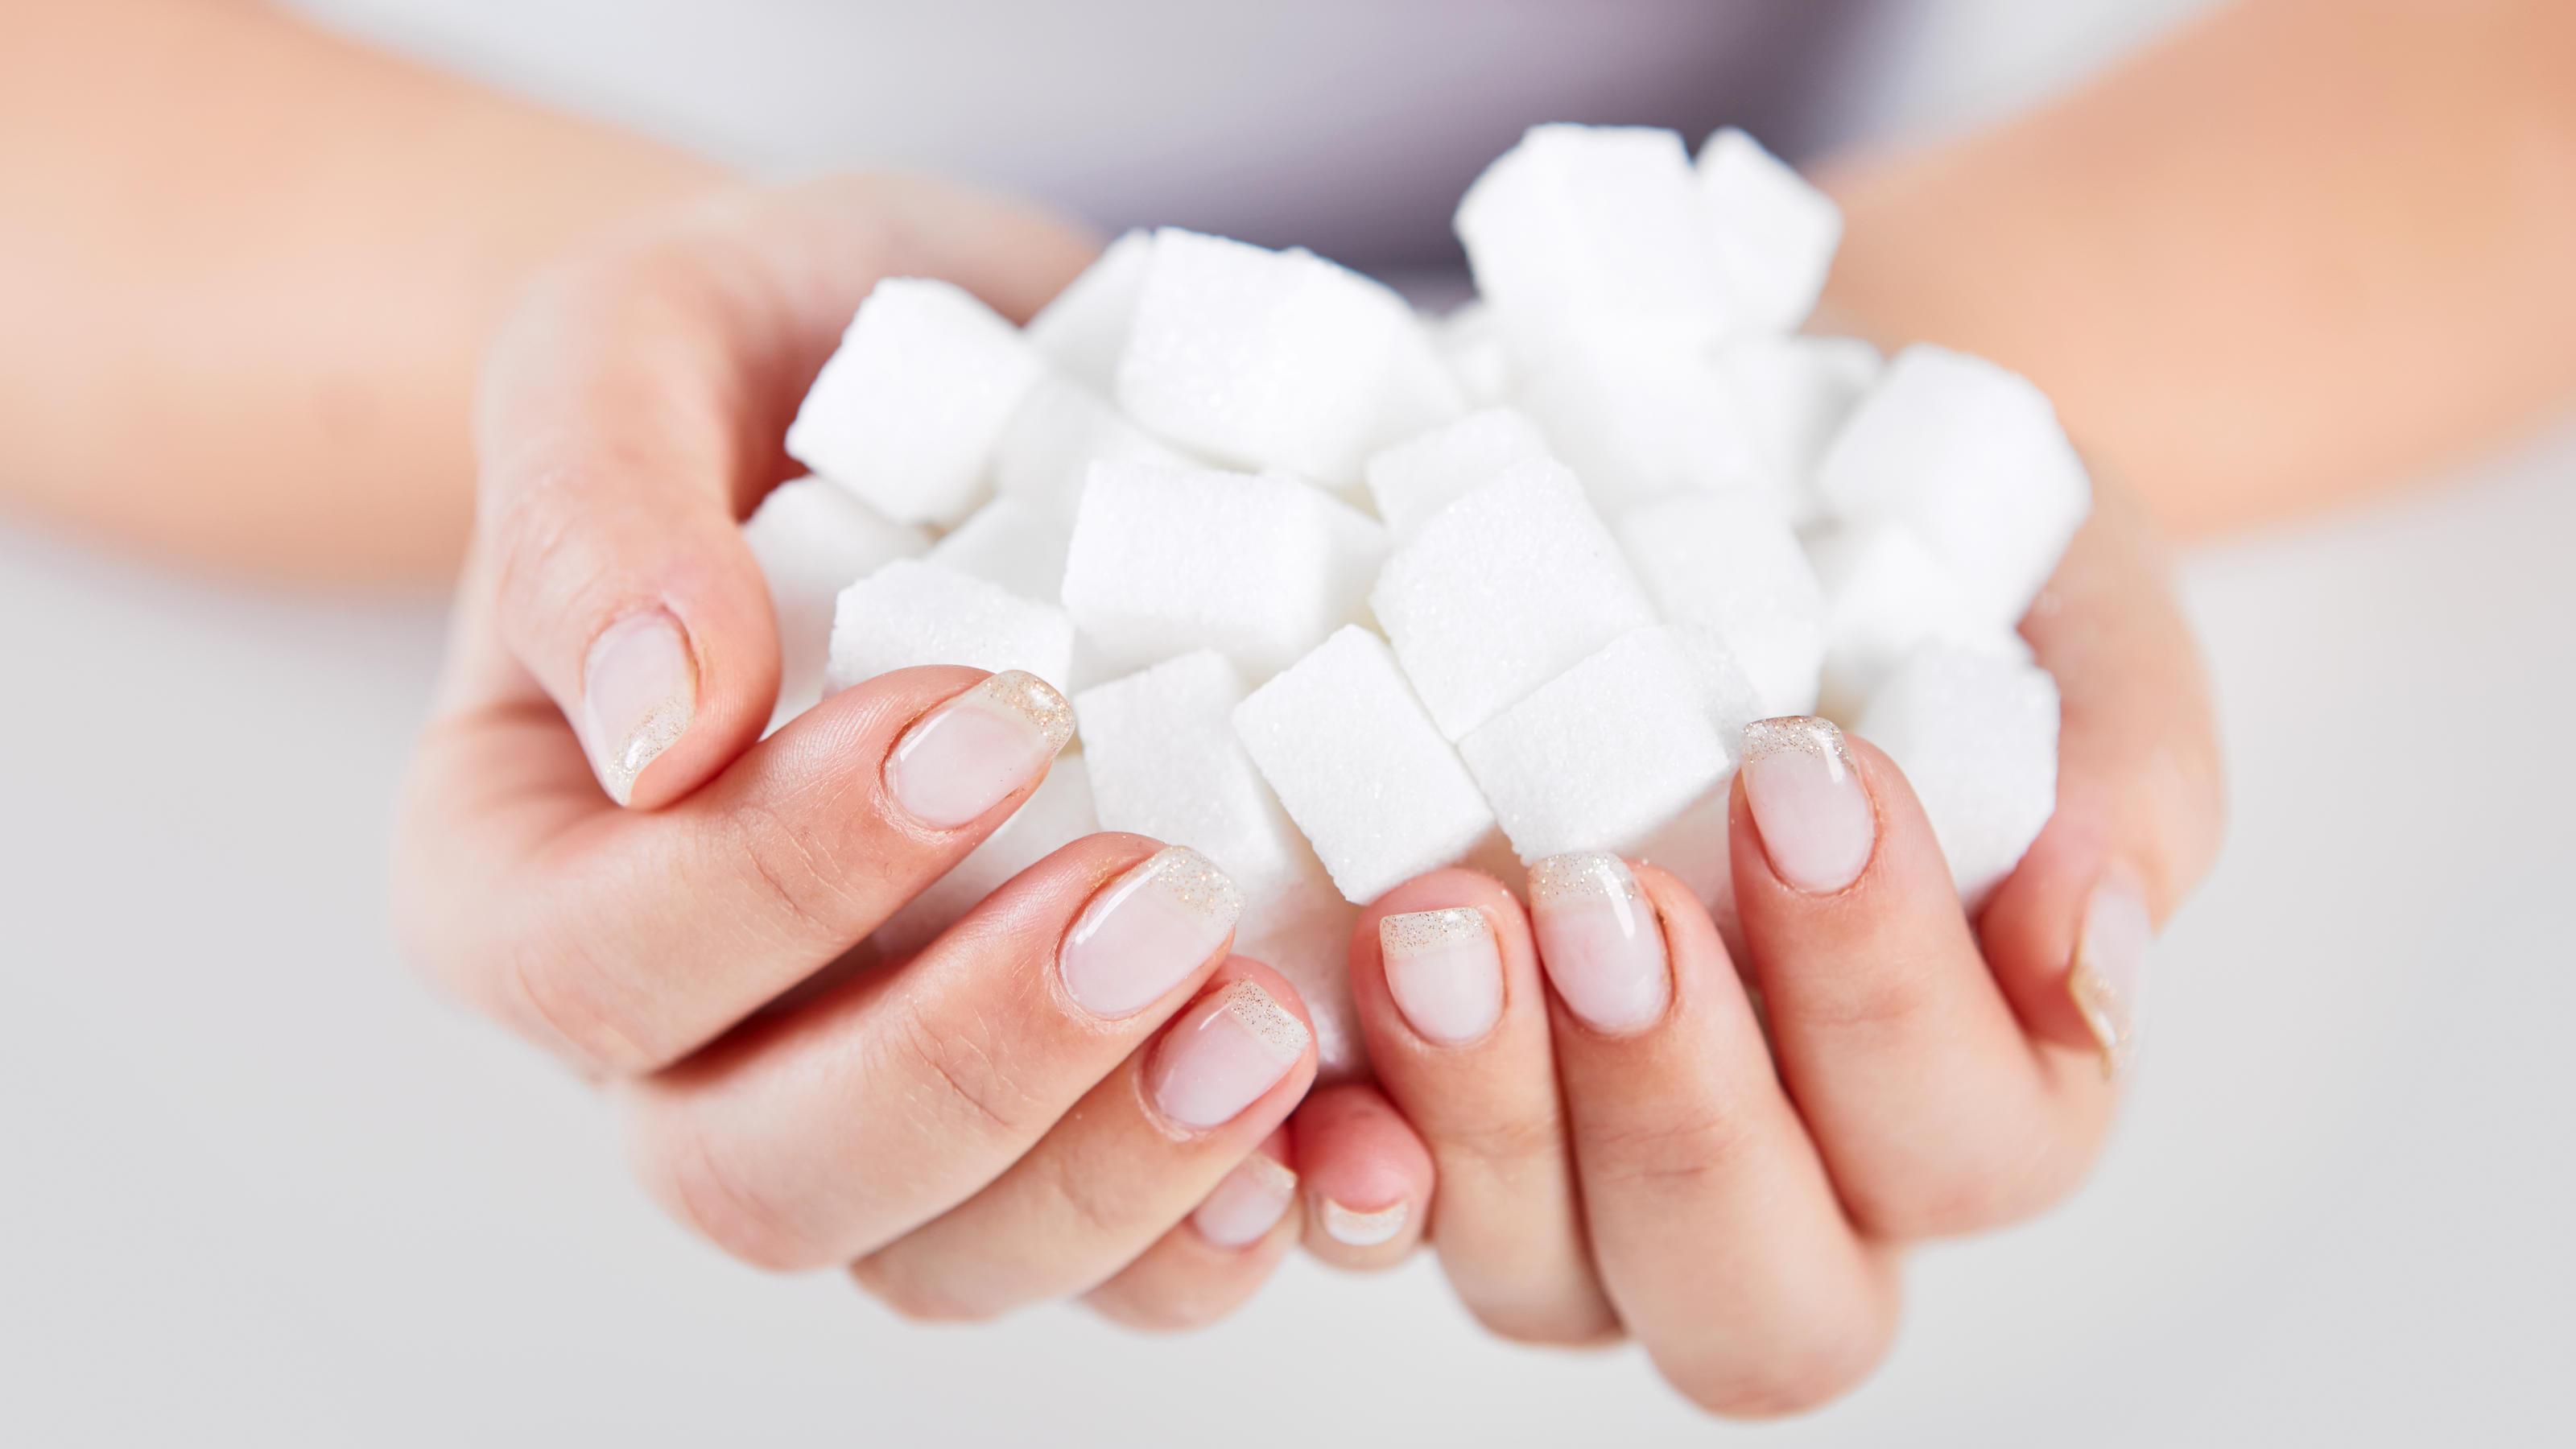 Zucker steckt in sehr vielen Lebensmitteln